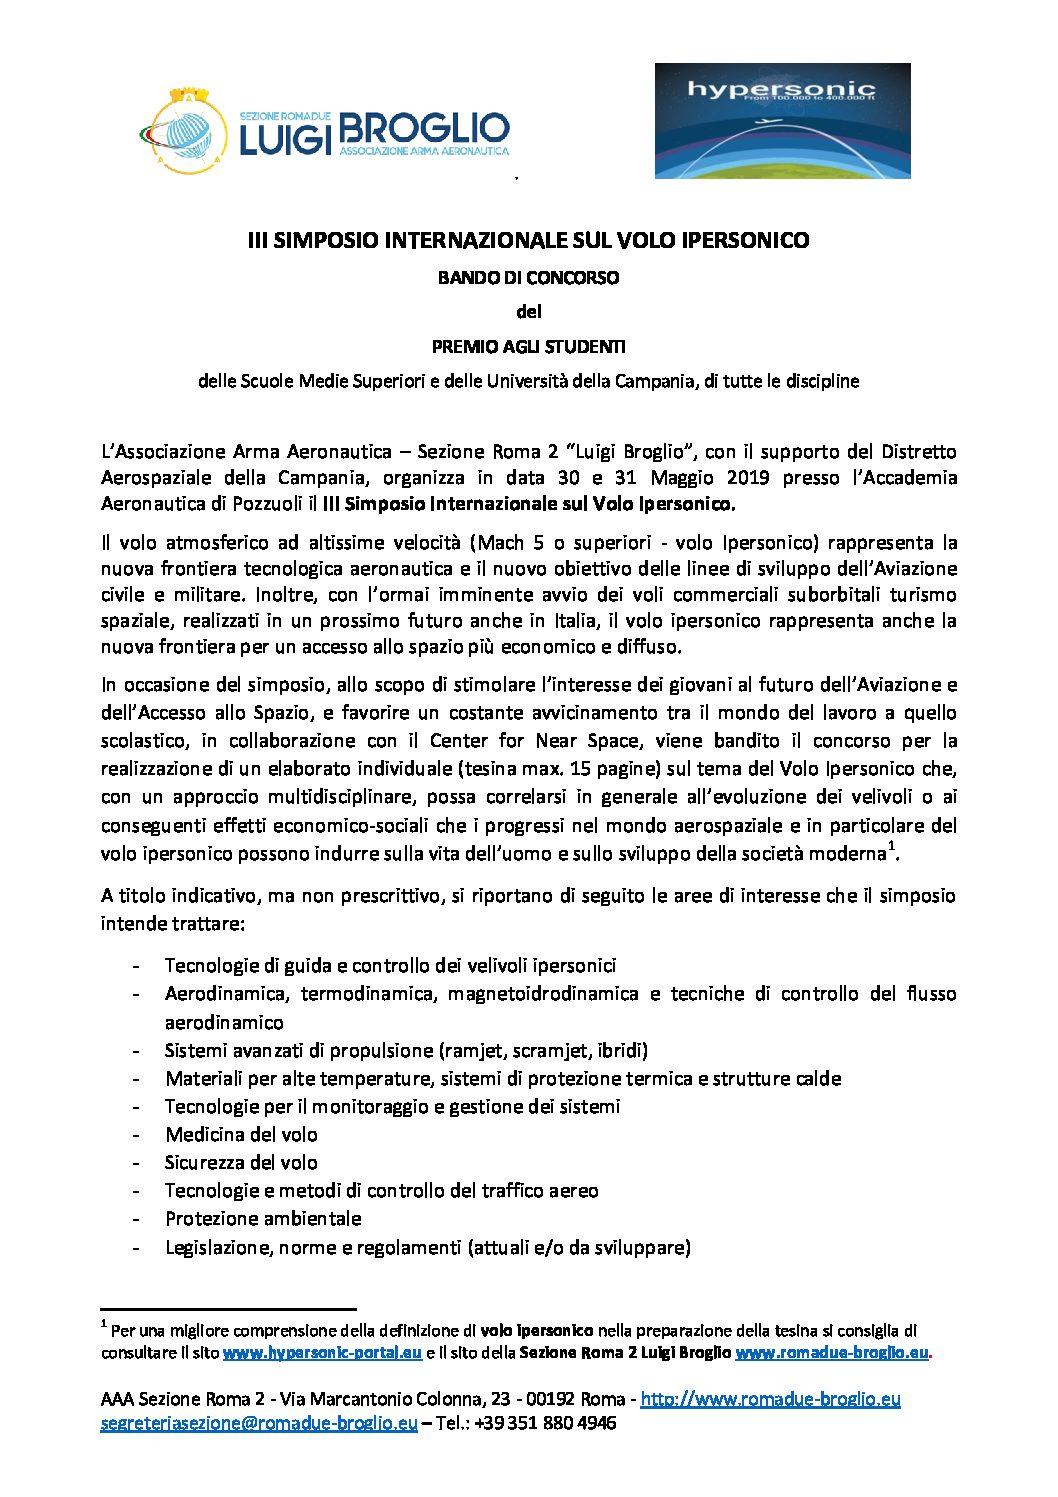 """Ass. Arma Aeronautica """"Luigi Broglio"""": III Simposio Internazionale sul Volo Ipersonico"""